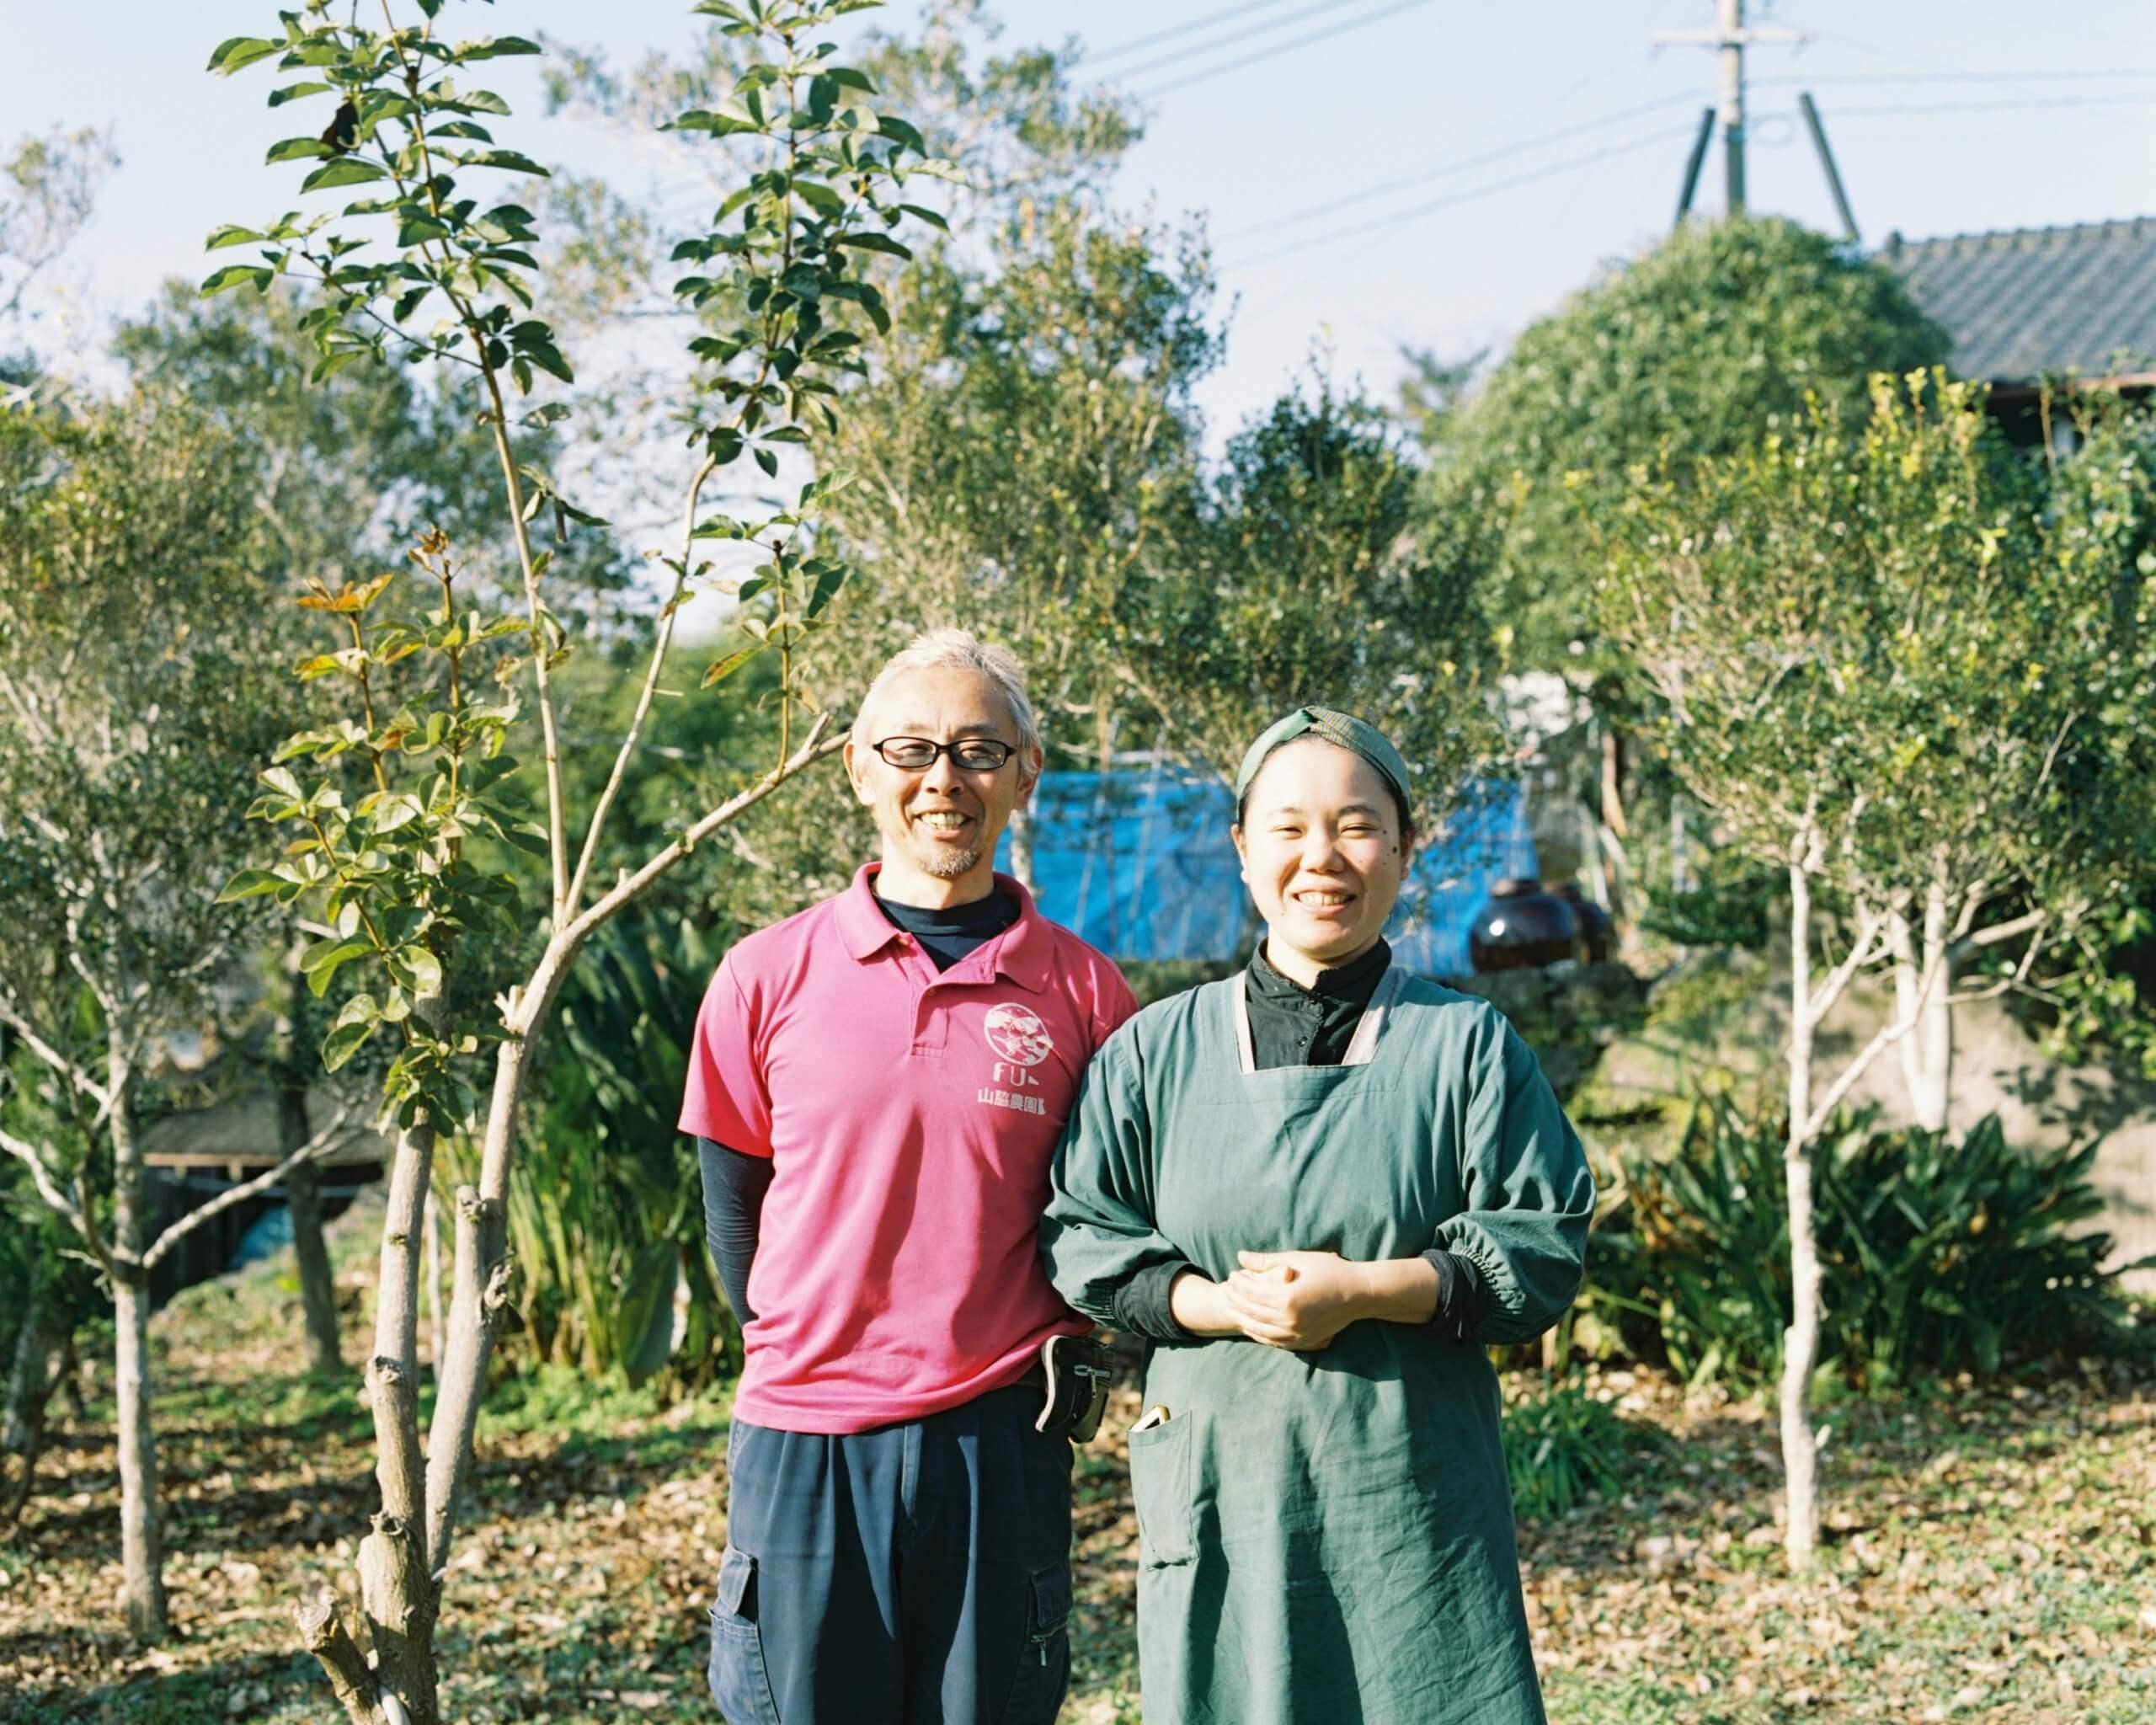 自分が歩んできた道を今に繋げながら、自然に近い暮らしを楽しんでいる晋治さんと綾子さんのえい会話|Ei Talk